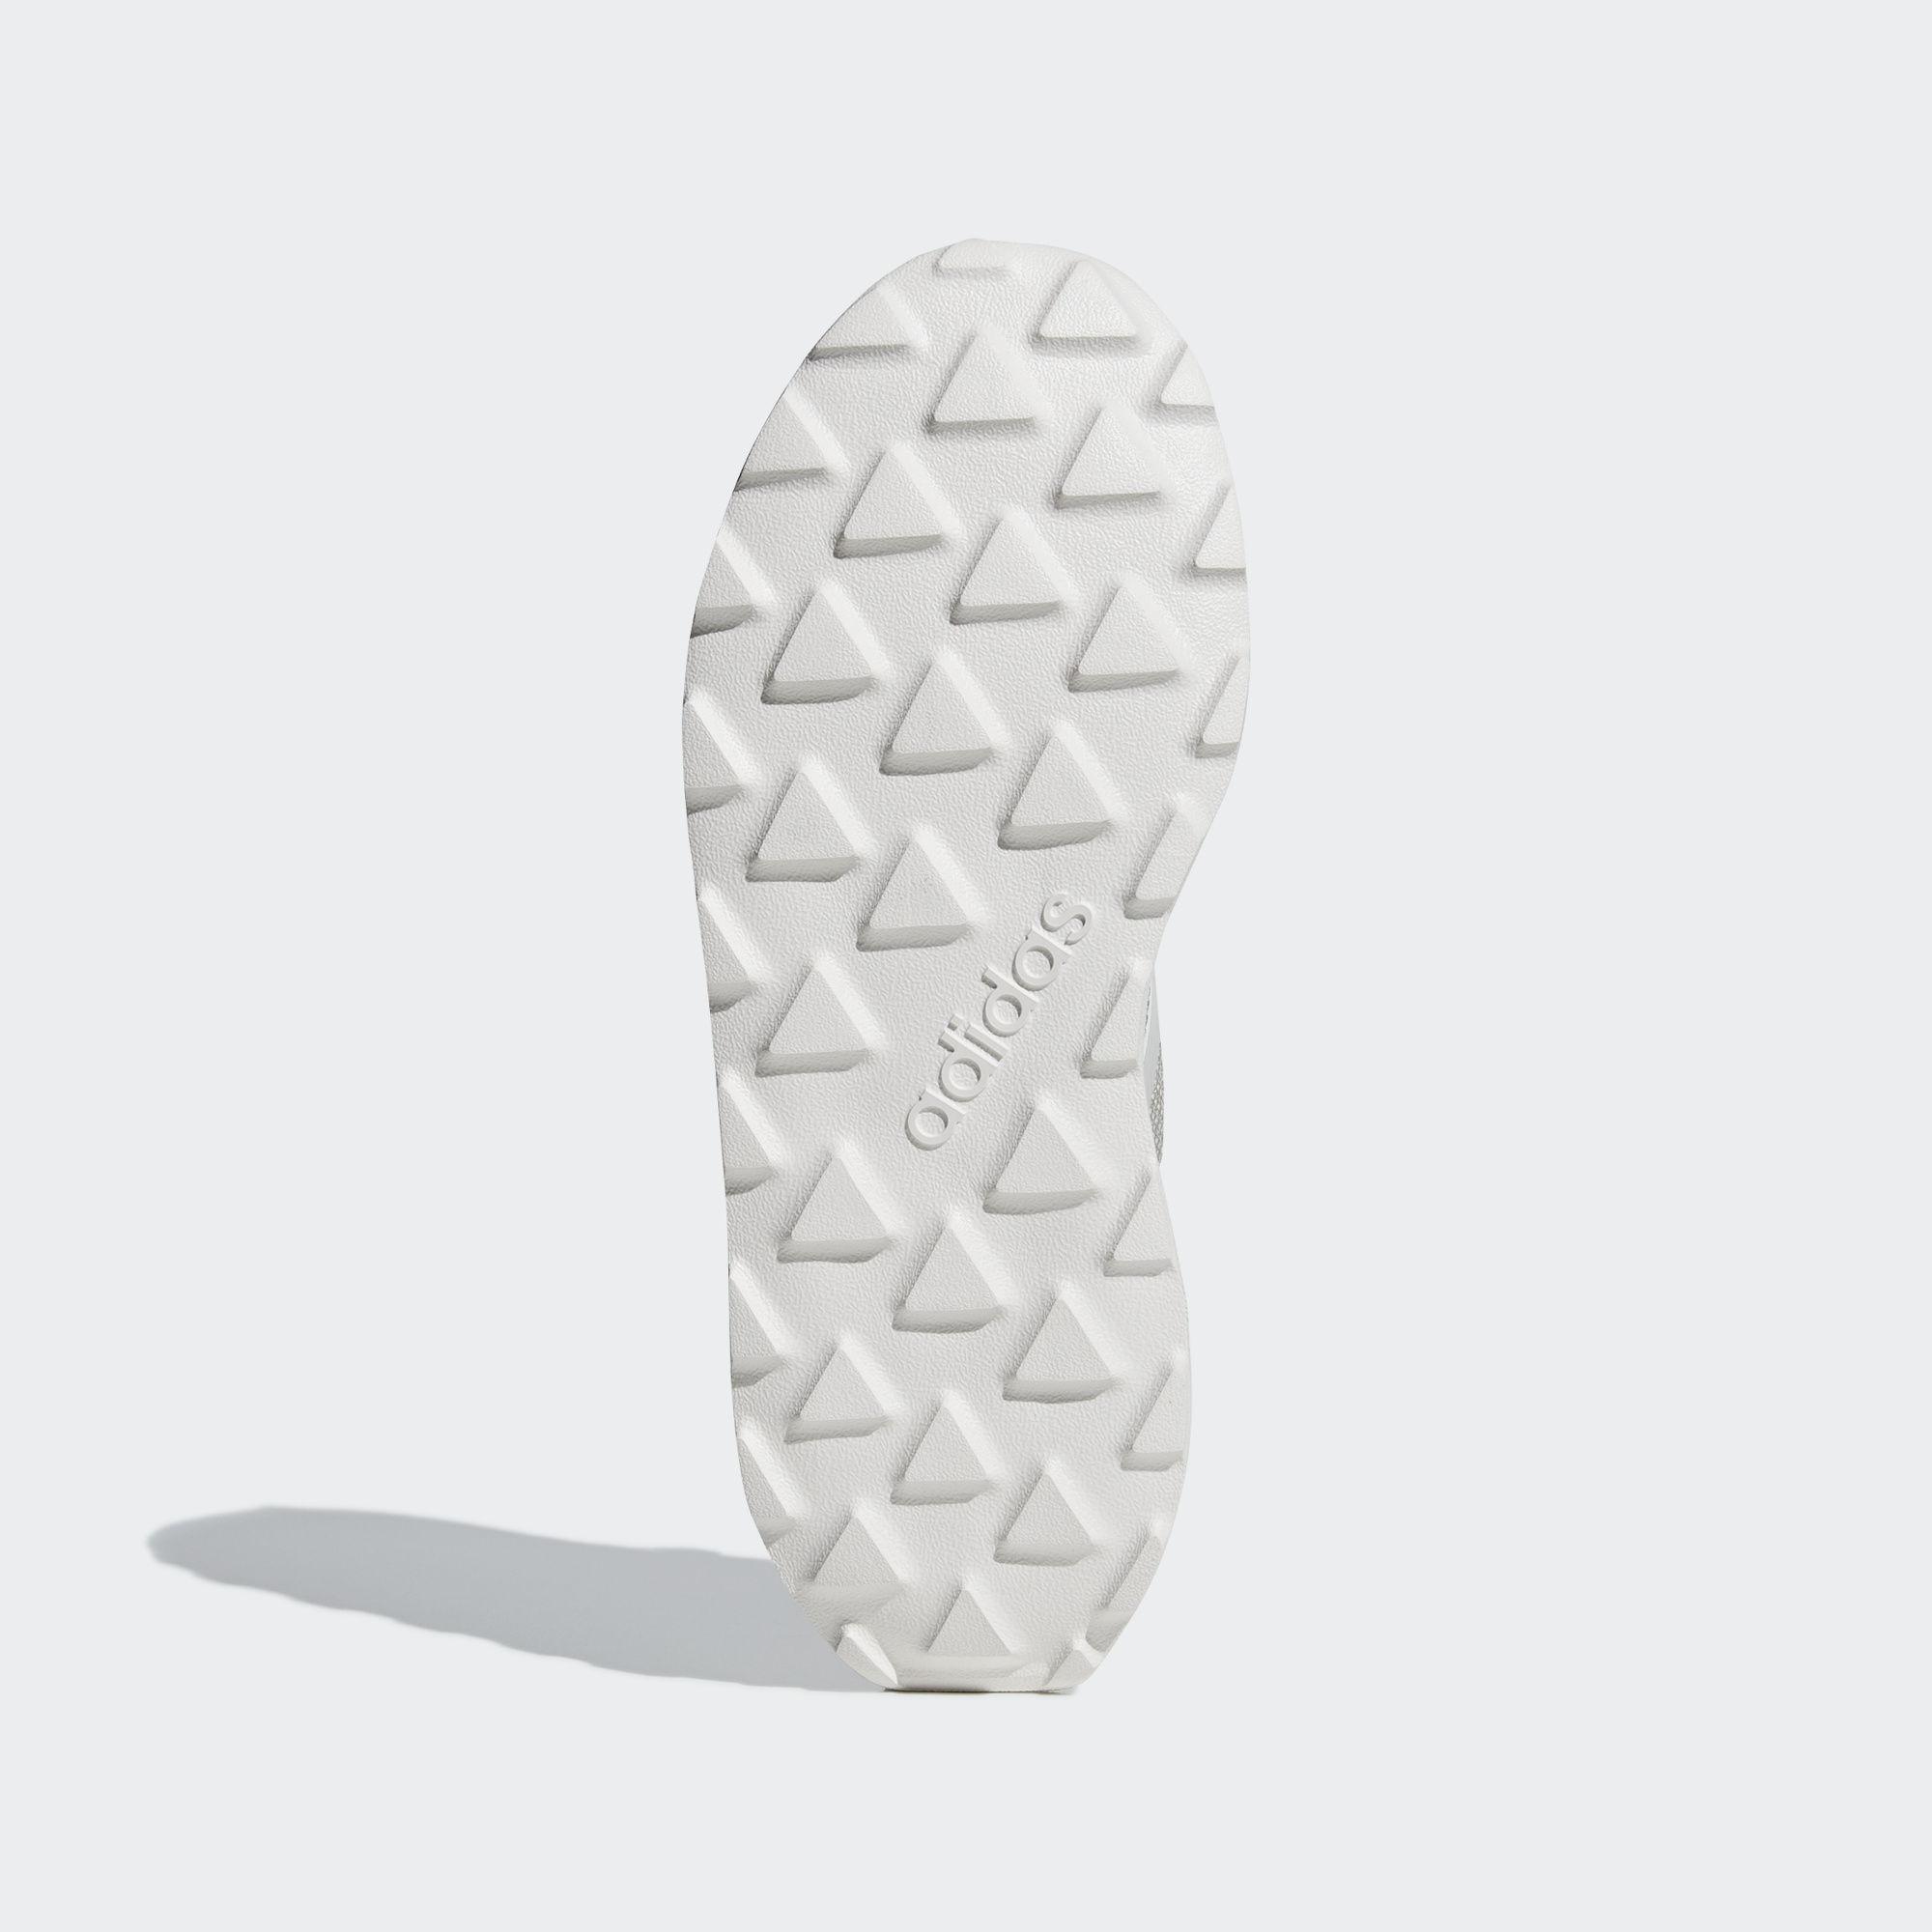 Adidas Turnschuhe Herren Raw Weiß   Raw Raw Raw Weiß   Sesame im Online Shop von SportScheck kaufen Gute Qualität beliebte Schuhe c83b7f